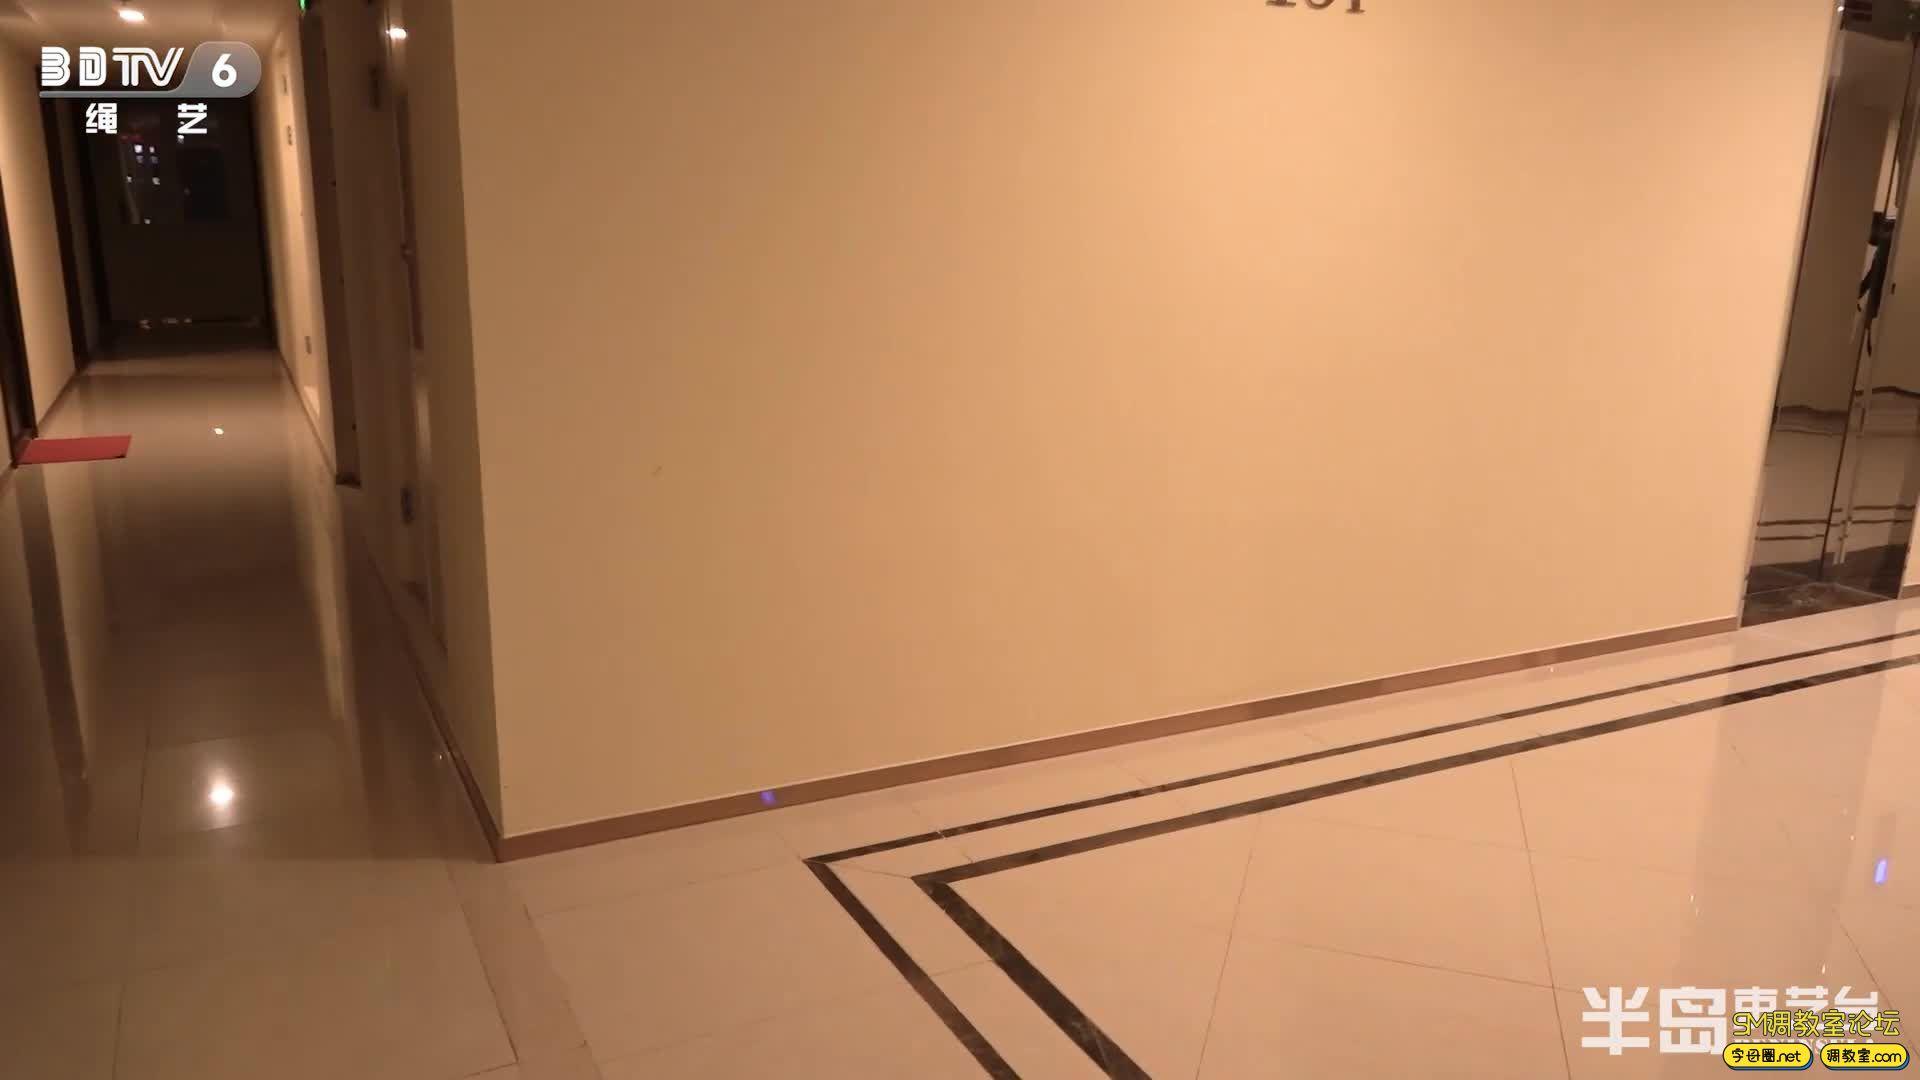 半岛束艺台_葡萄被坑进电梯独自下楼,一路狂跳回家-视频截图6